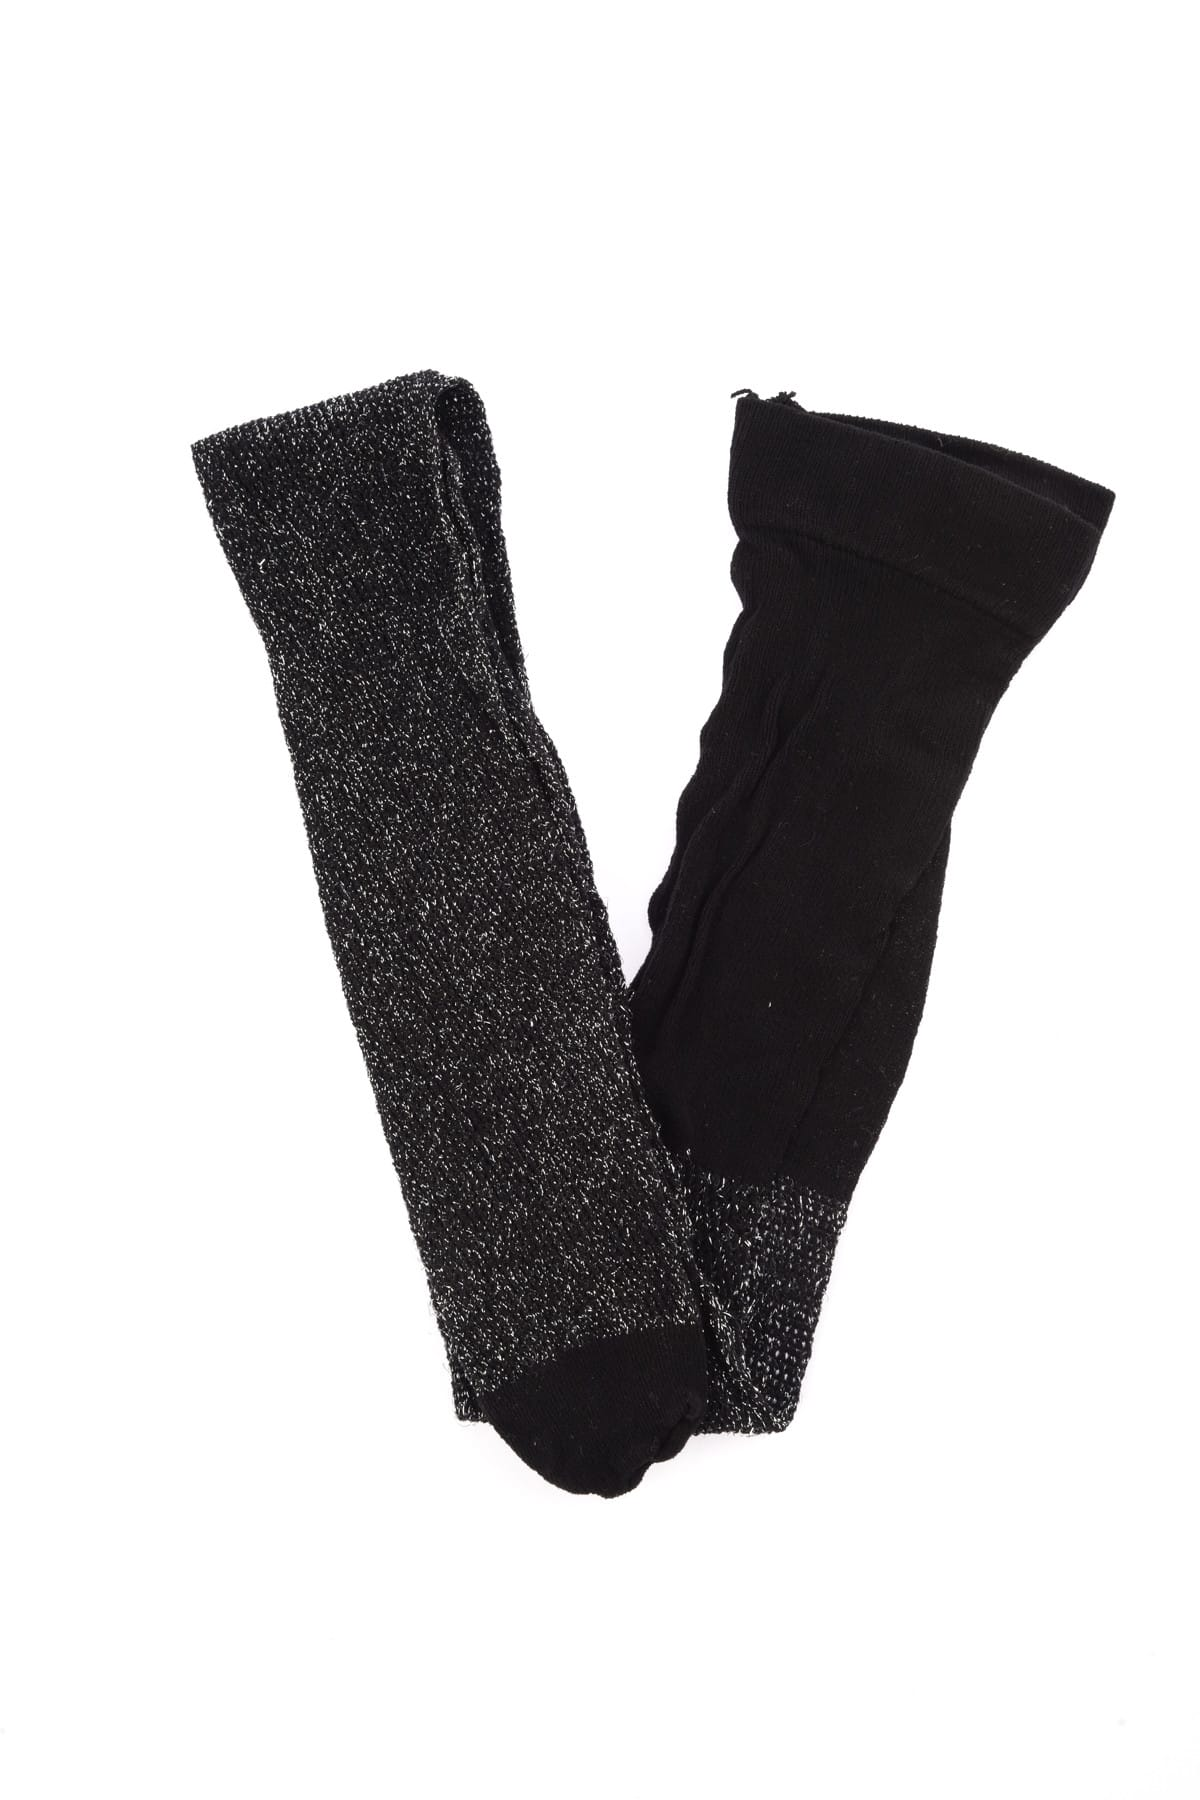 Trendyol Lurexli Fishnet Socks TPRSS19WF0001